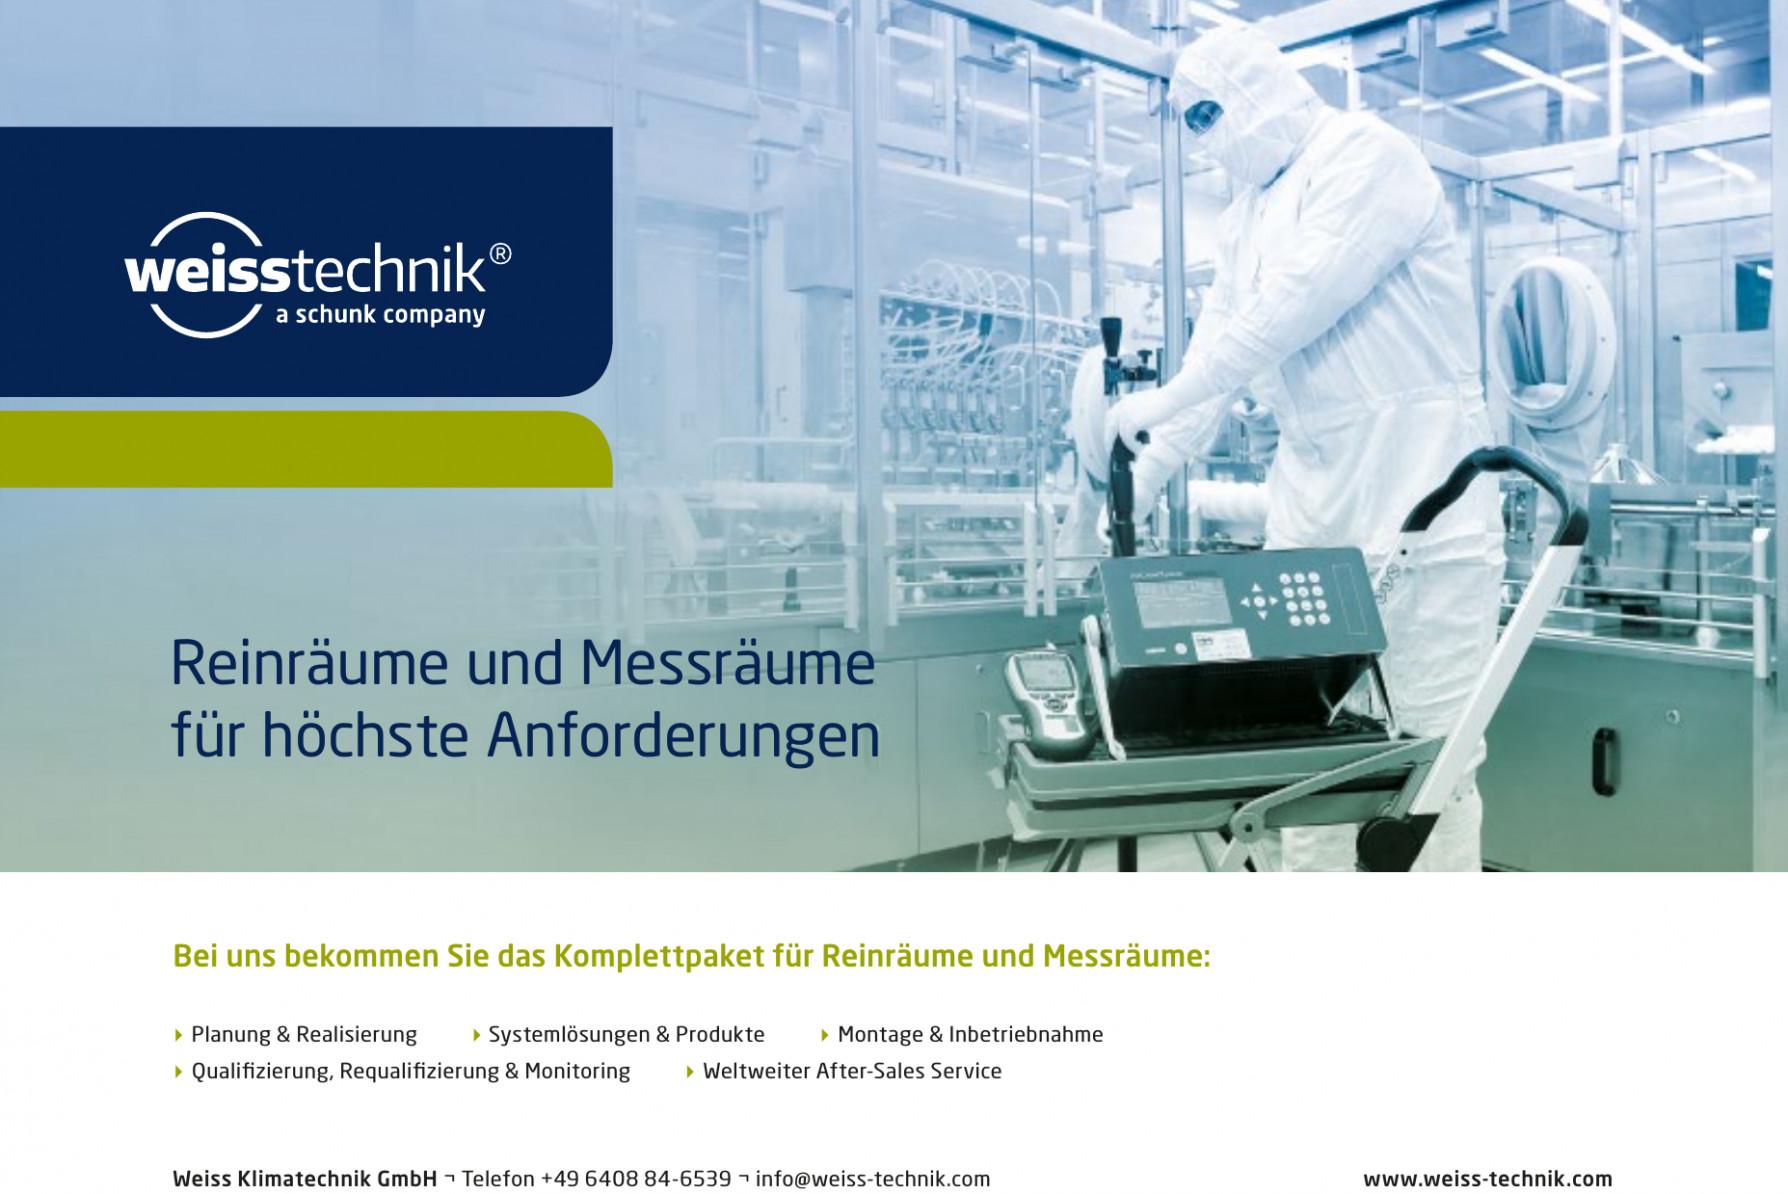 Weiss Klimatechnik GmbH